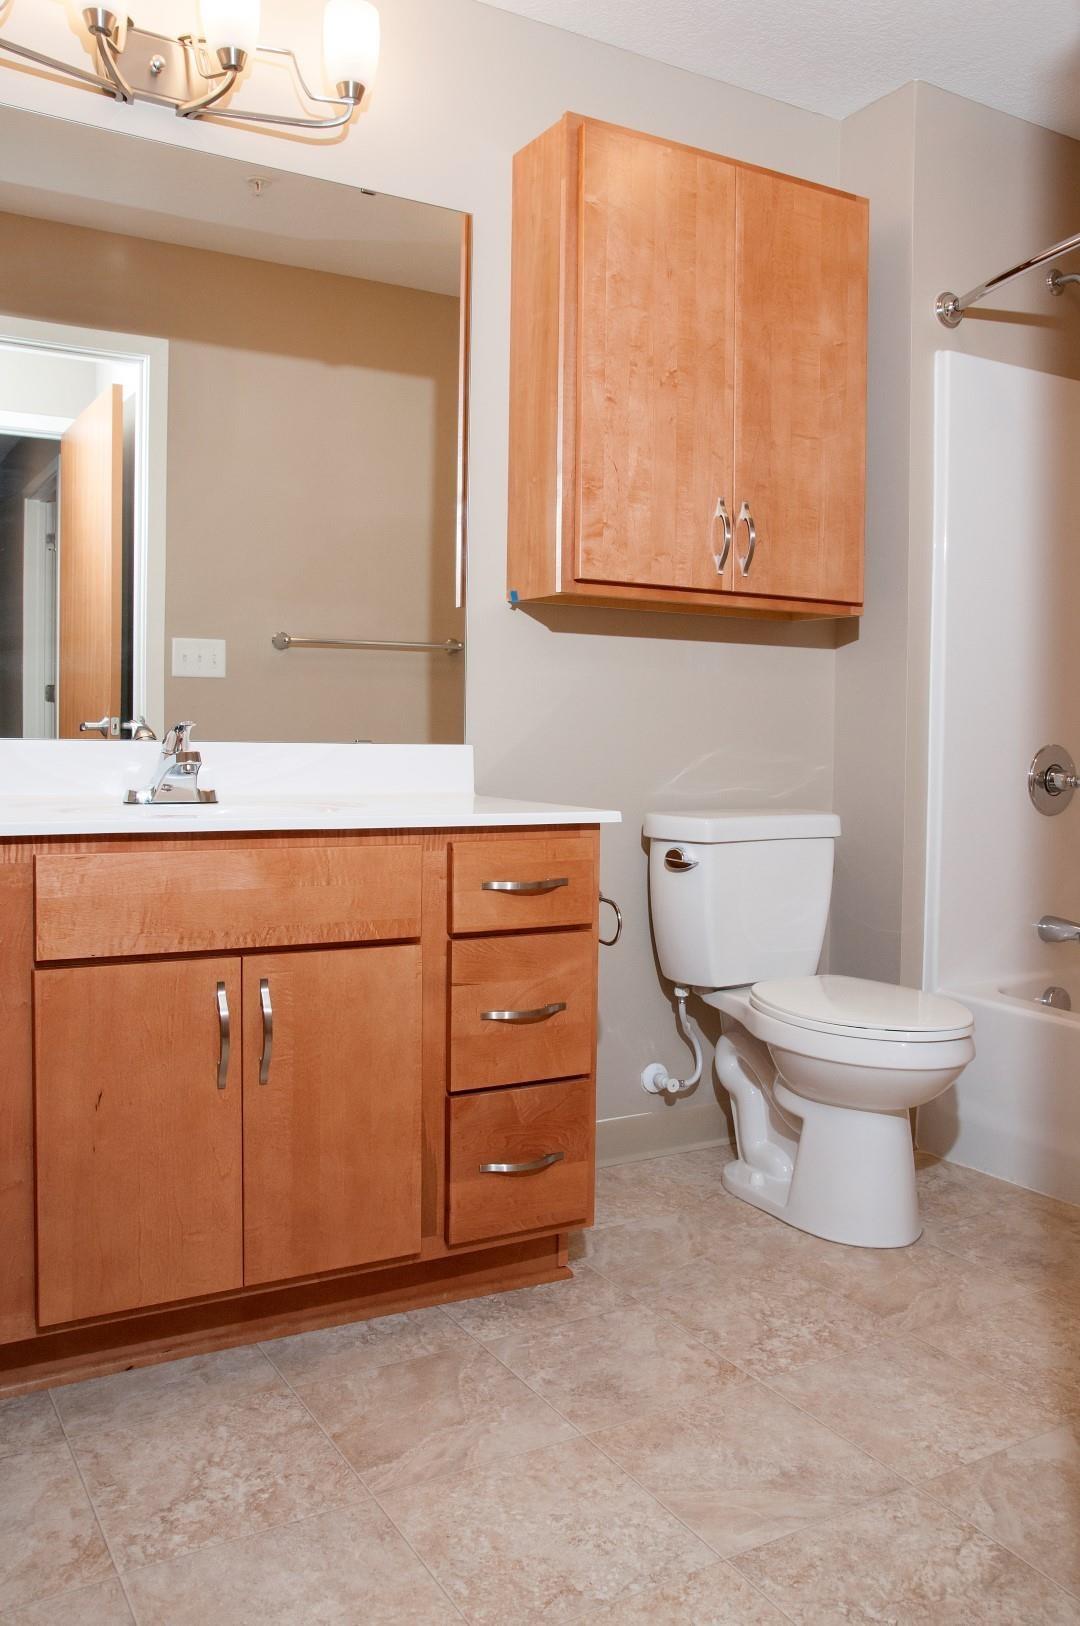 Large Mirror Above Spacious Sink Vanity in Bathroom of Apartment in Carver, Minnesota